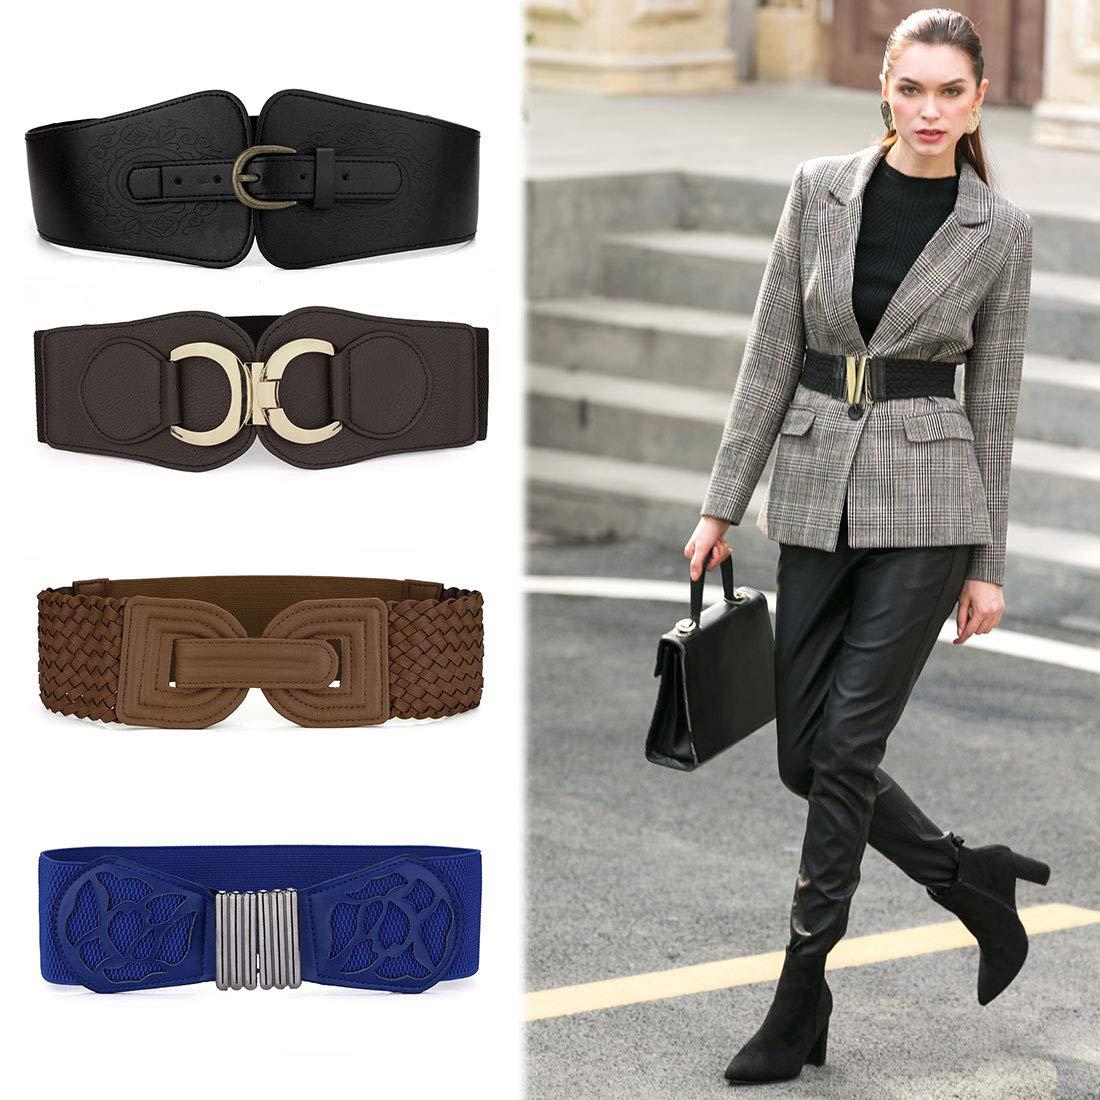 Allegra K Ladies Interlocking Buckle Stretchy Band Waistbelt Cinch Belt Black-4 one size